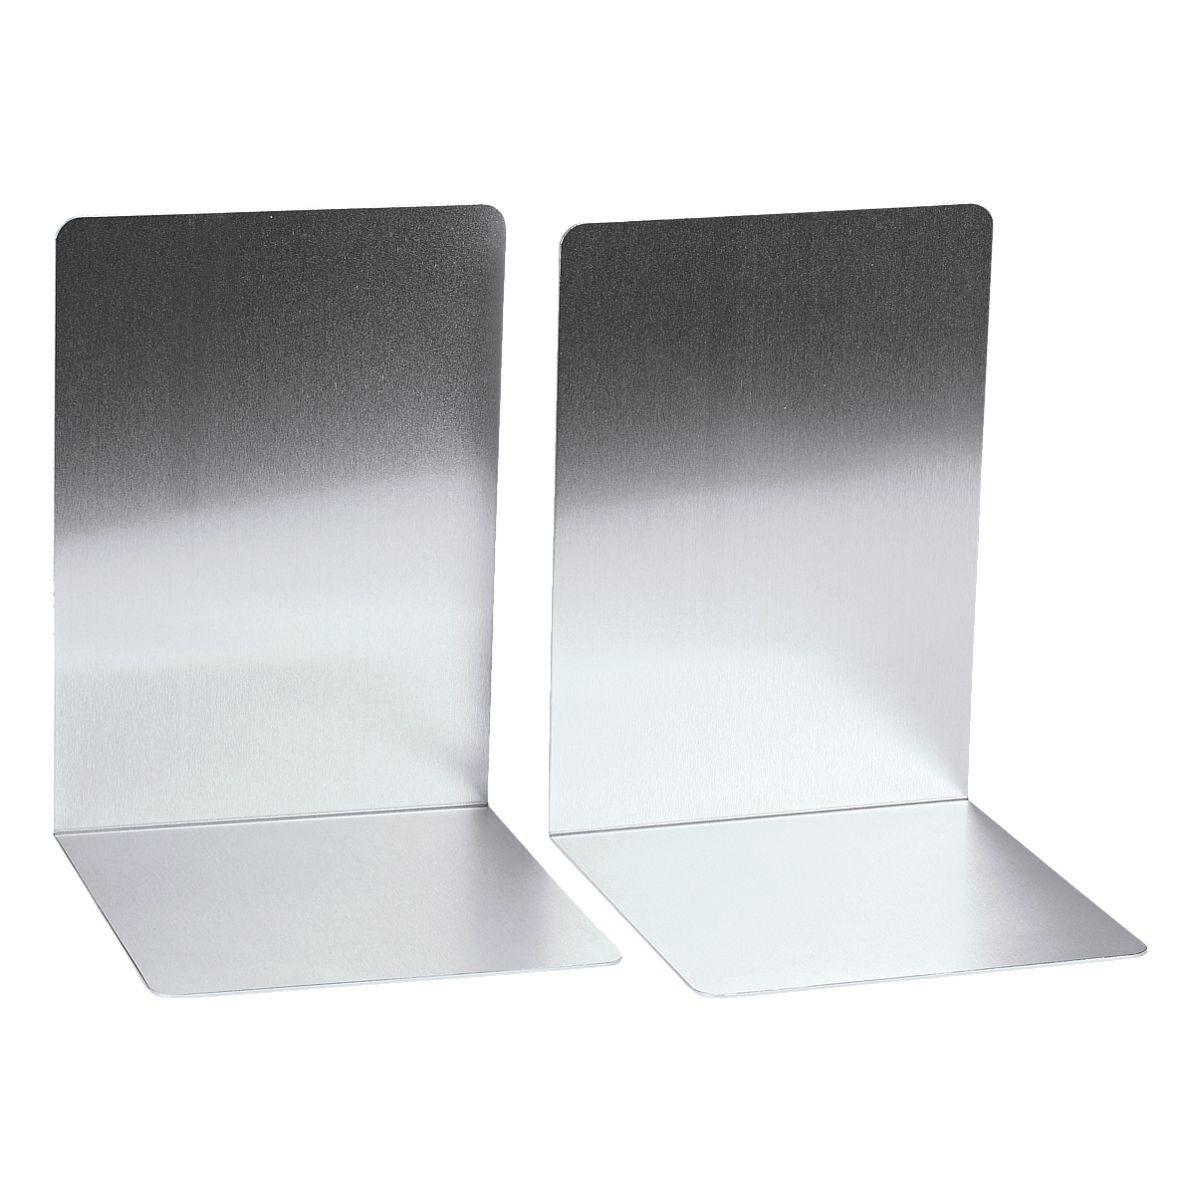 Maul Buchstütze Aluminium 21 cm hoch